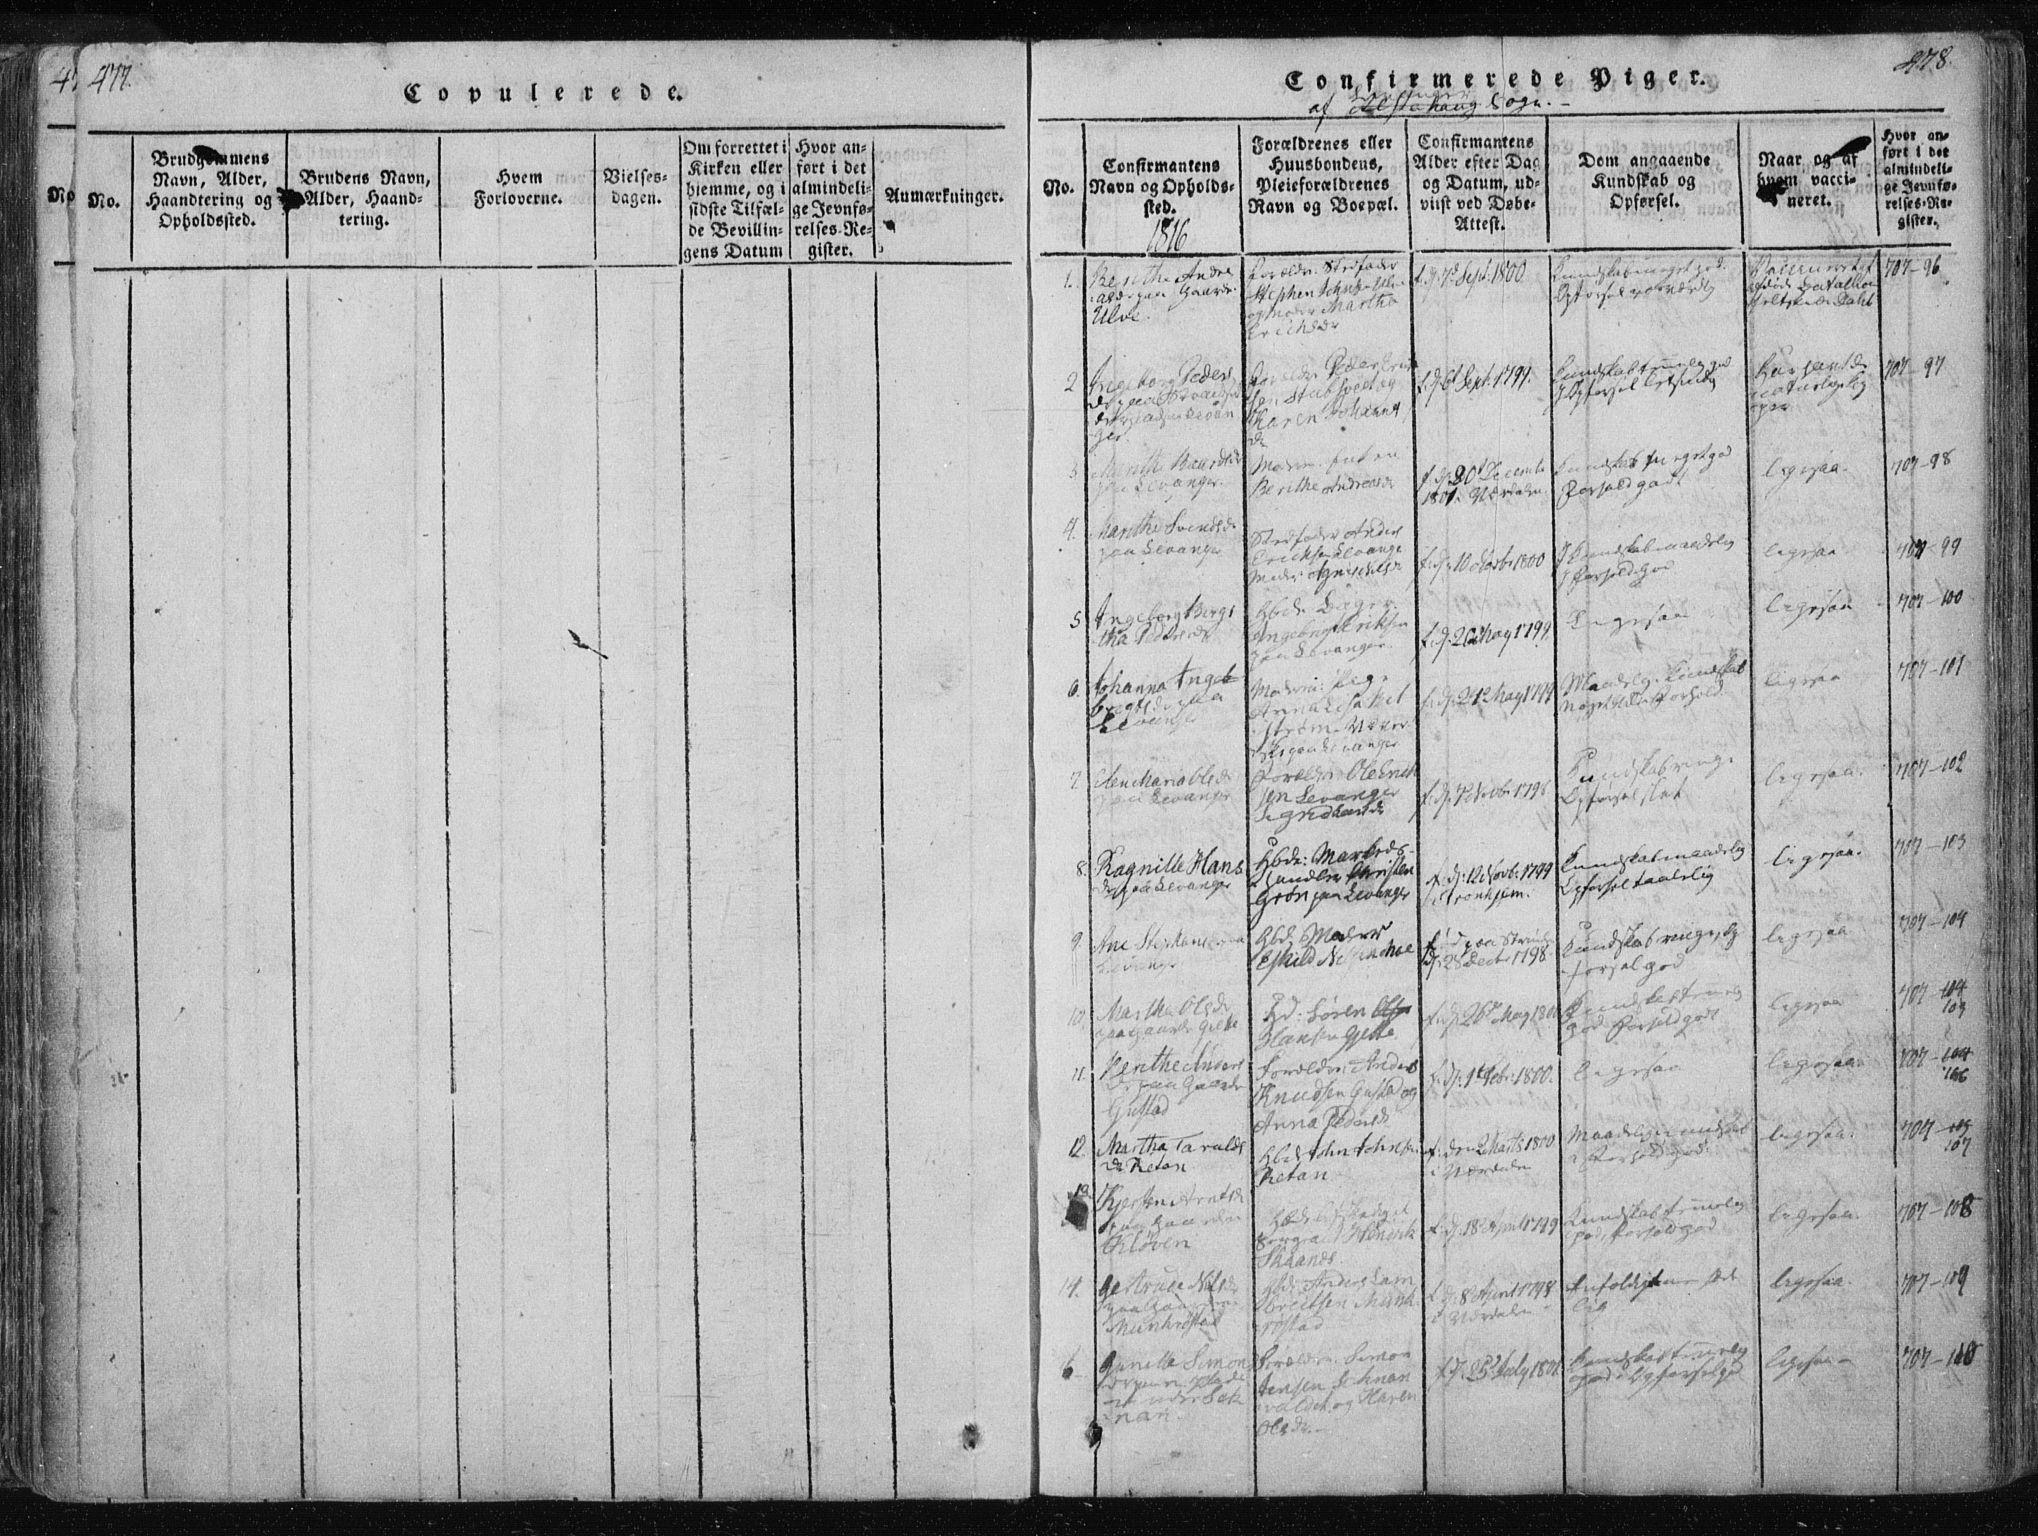 SAT, Ministerialprotokoller, klokkerbøker og fødselsregistre - Nord-Trøndelag, 717/L0148: Ministerialbok nr. 717A04 /2, 1816-1825, s. 477-478